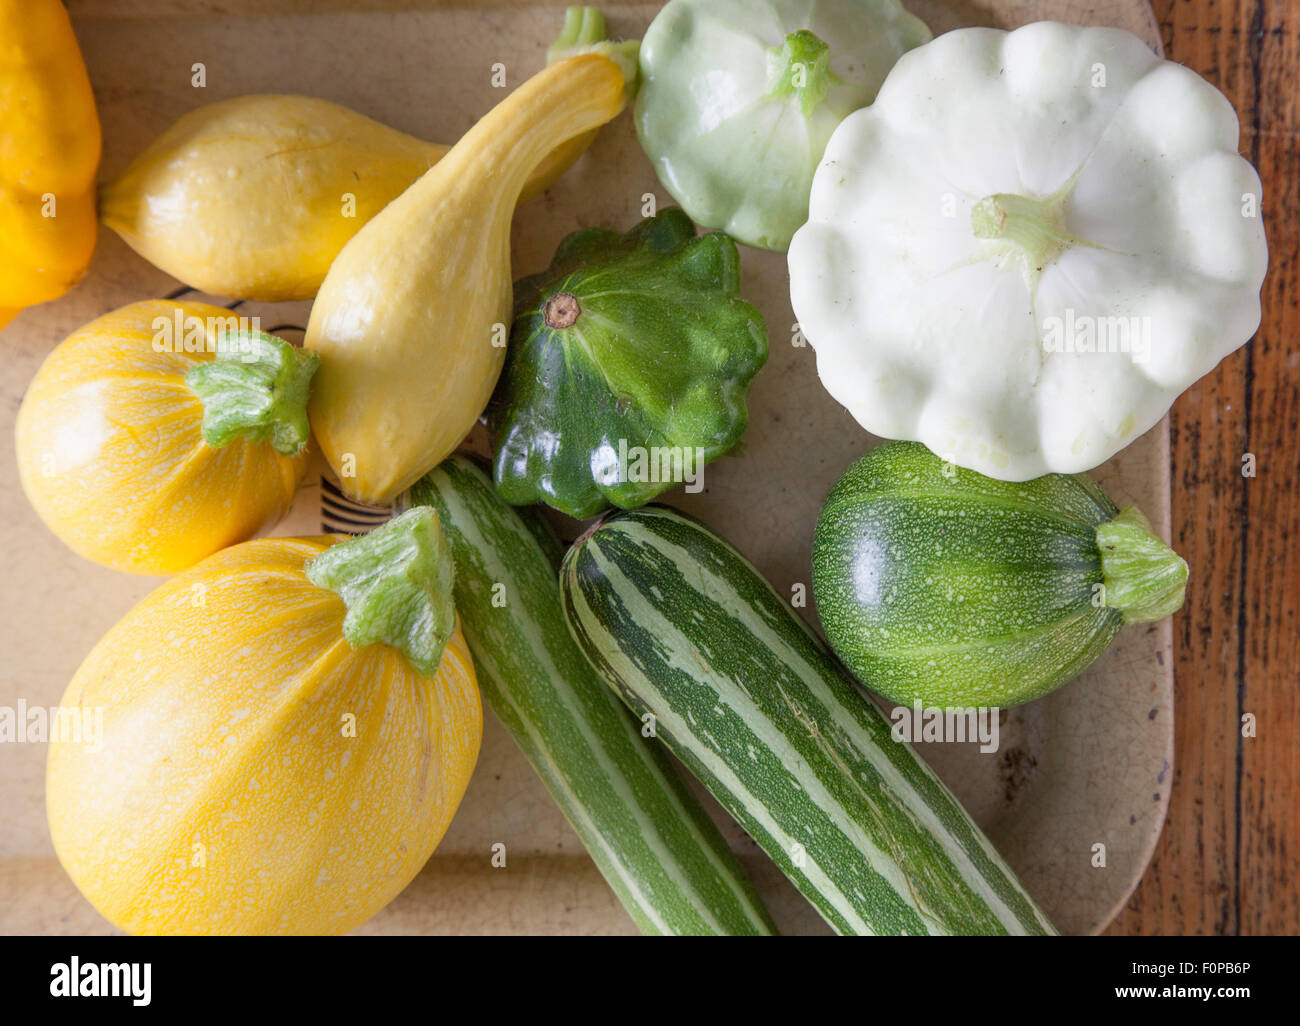 La granja fresco verano squash Imagen De Stock